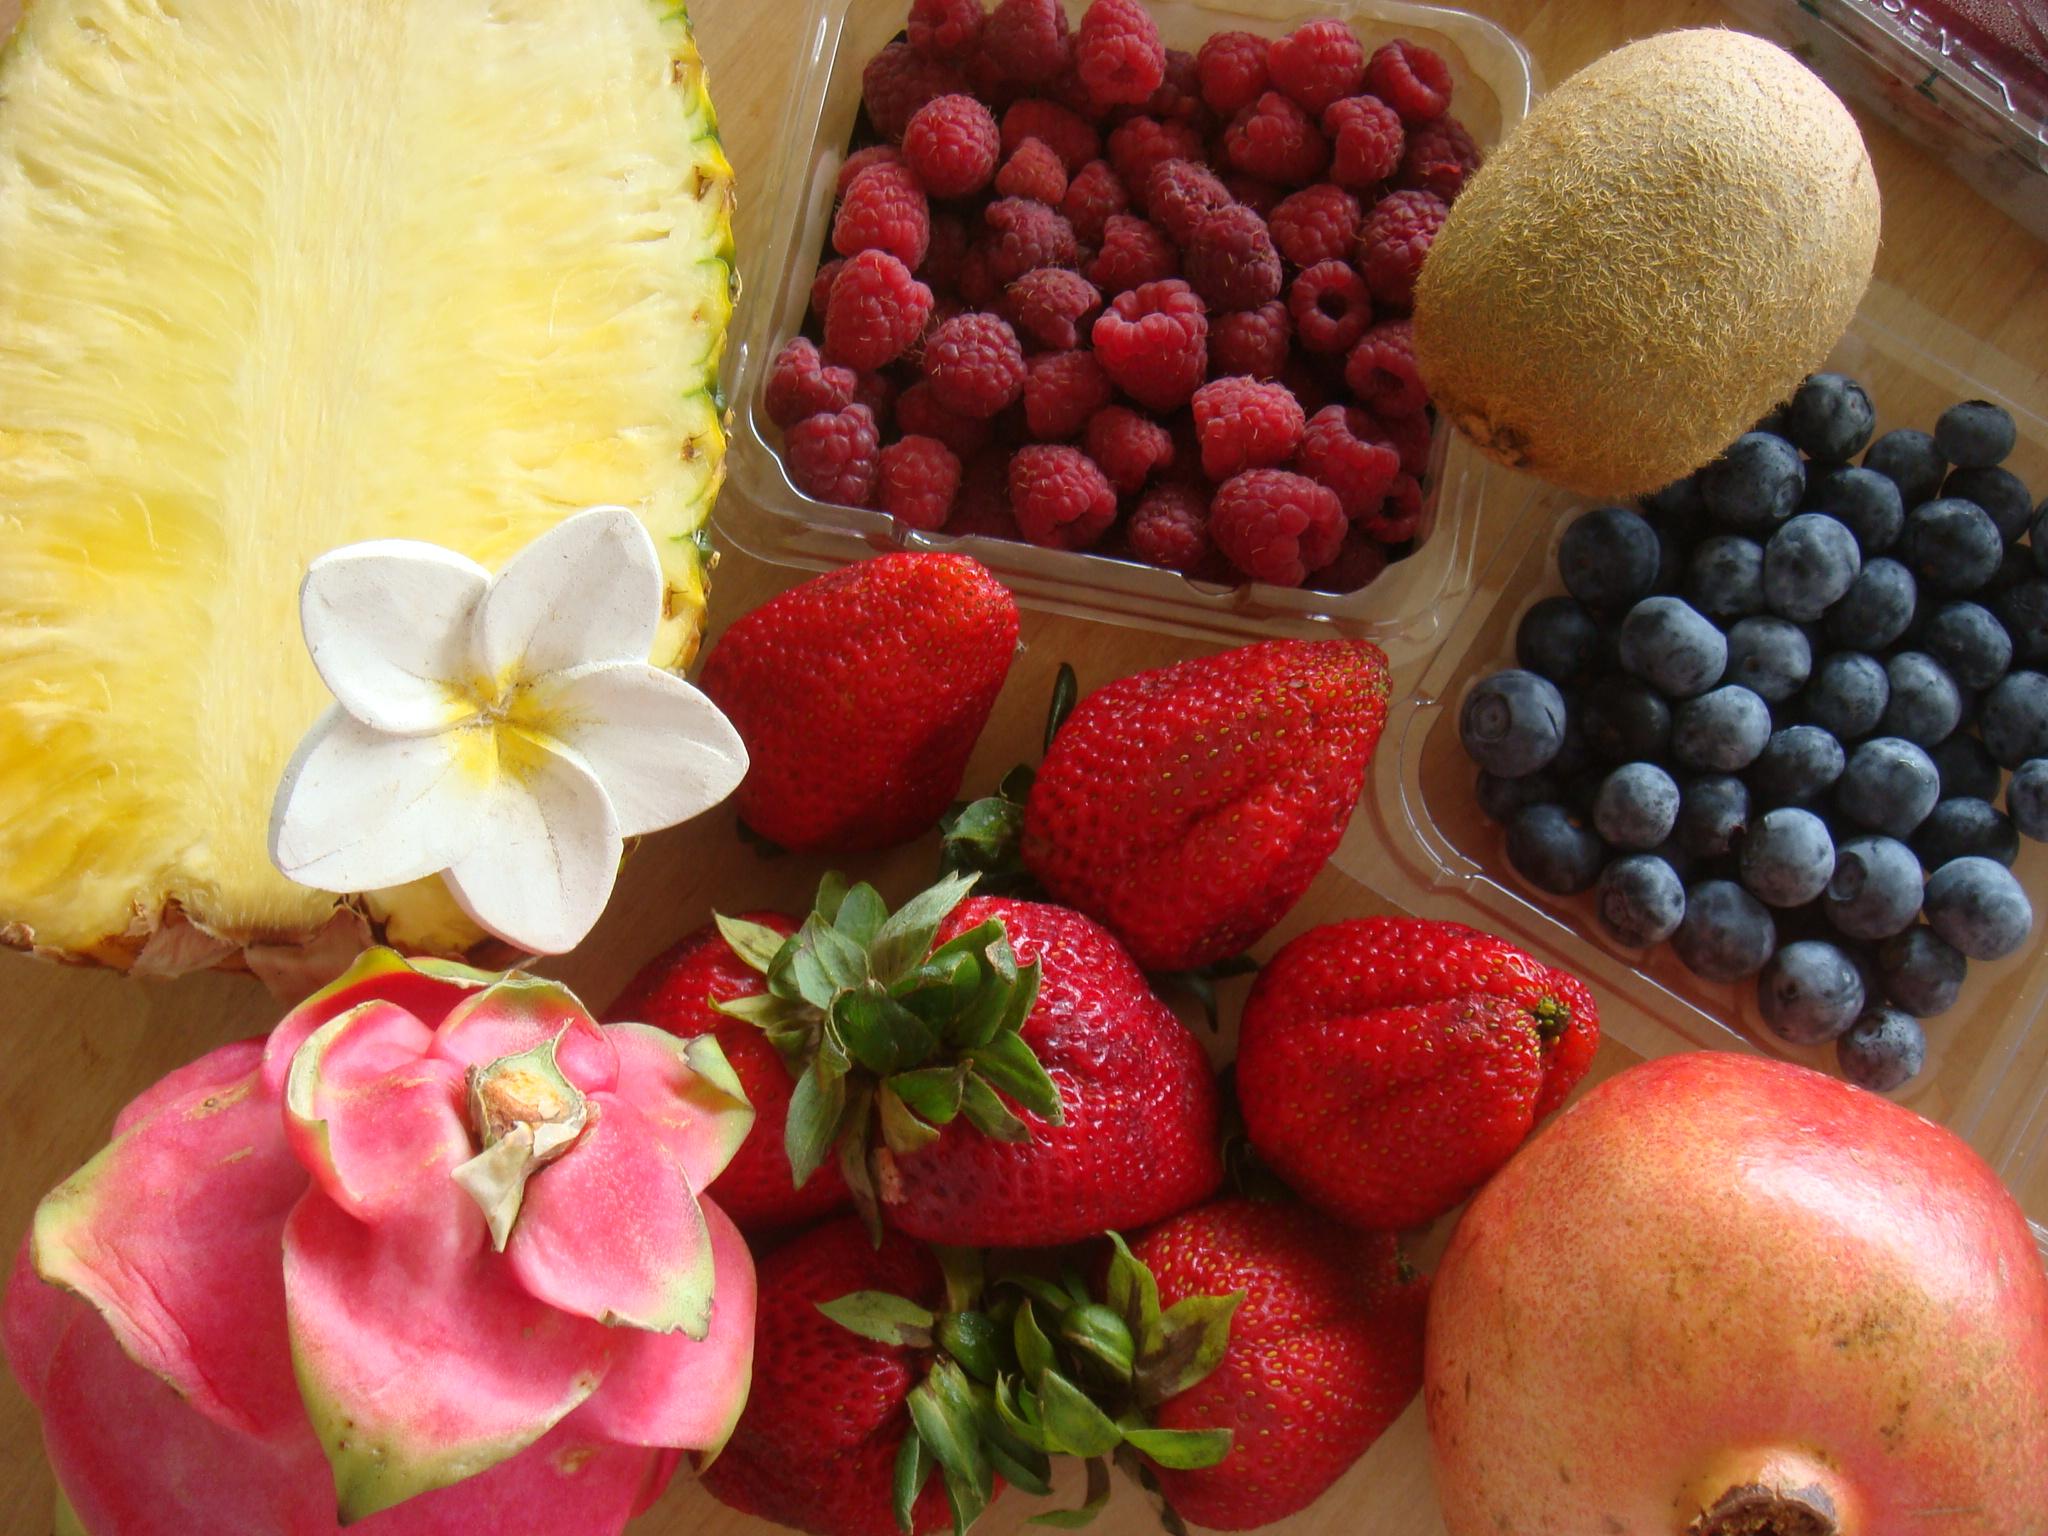 картинка на рабочий стол экзотические фрукты настоящее время знаменитость